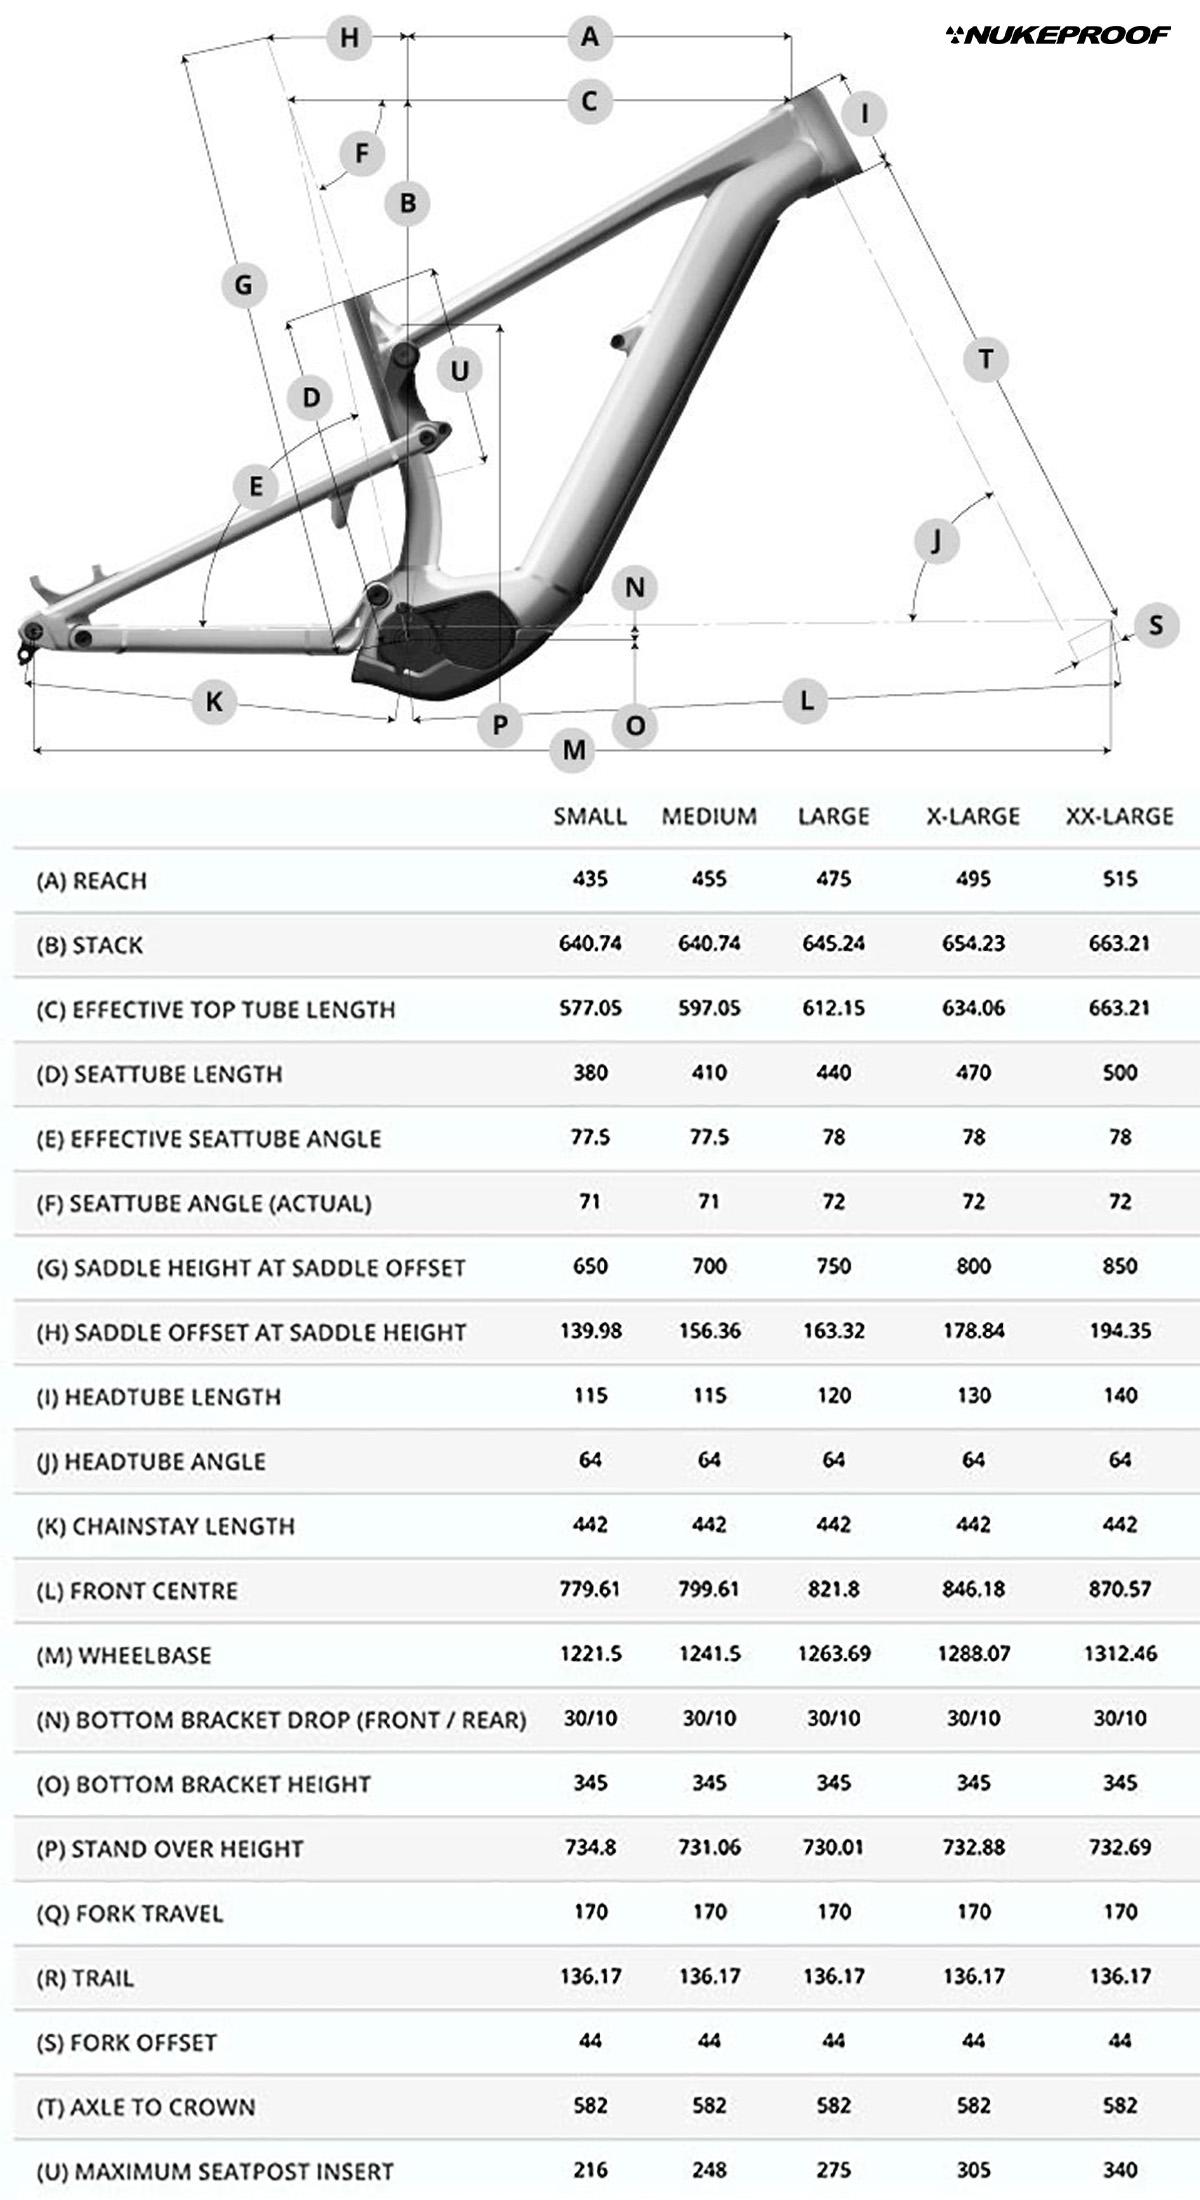 La tabella con le geometrie delle nuove ebike Nukeproof Megawatt 297 2022